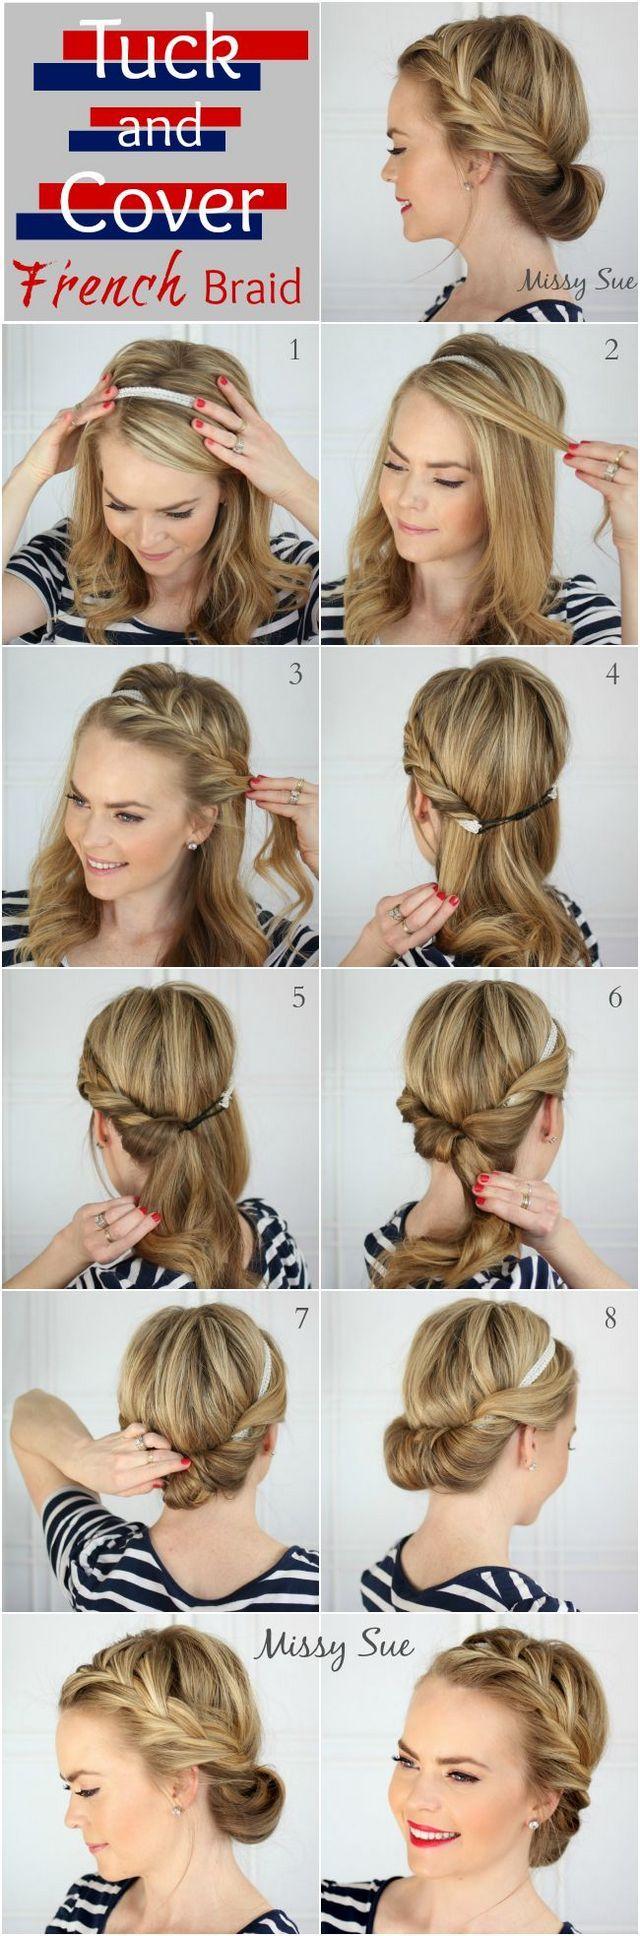 Lättaste och snabbaste sättet att få till en uppsättning själv är att använda ett hårband och helt enkelt stoppa in det. Så snyggt när man kombinerar med en fläta som här nedan. Passar både som vardag